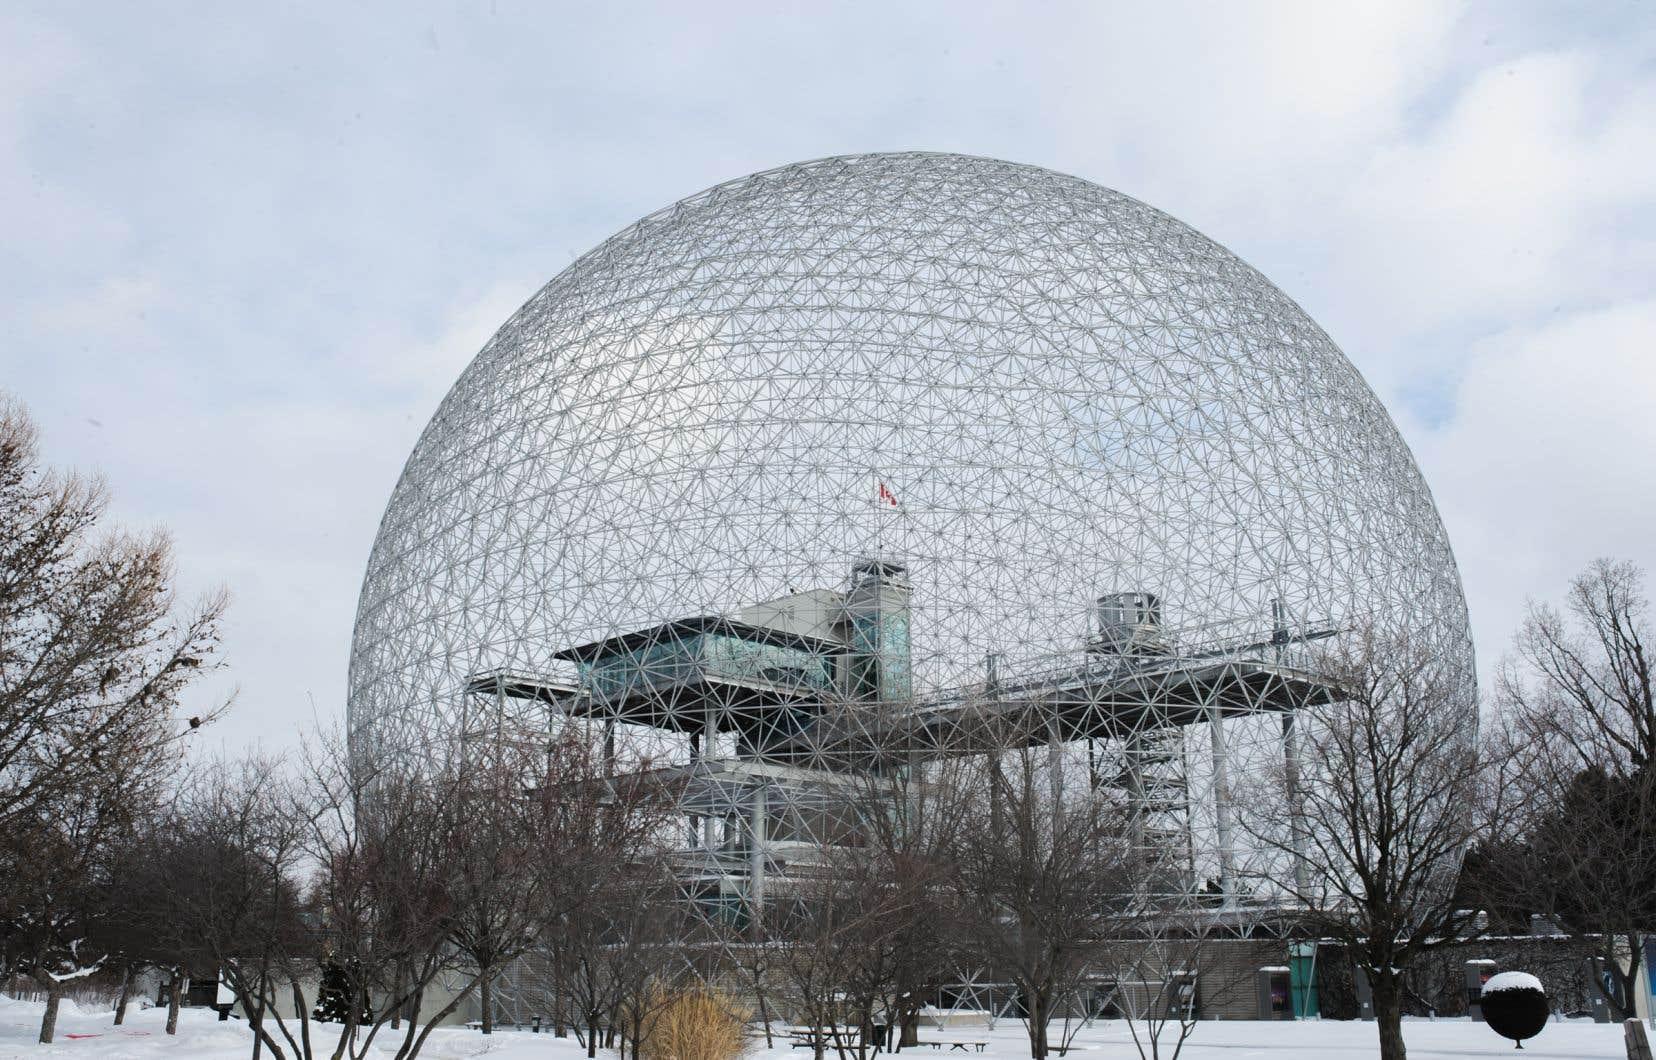 «Je crois vraiment qu'il s'agit d'une des oeuvres architecturales les plus importantes de la planète», soutientle président du conseil du Buckminster Fuller Institute,David McConville.